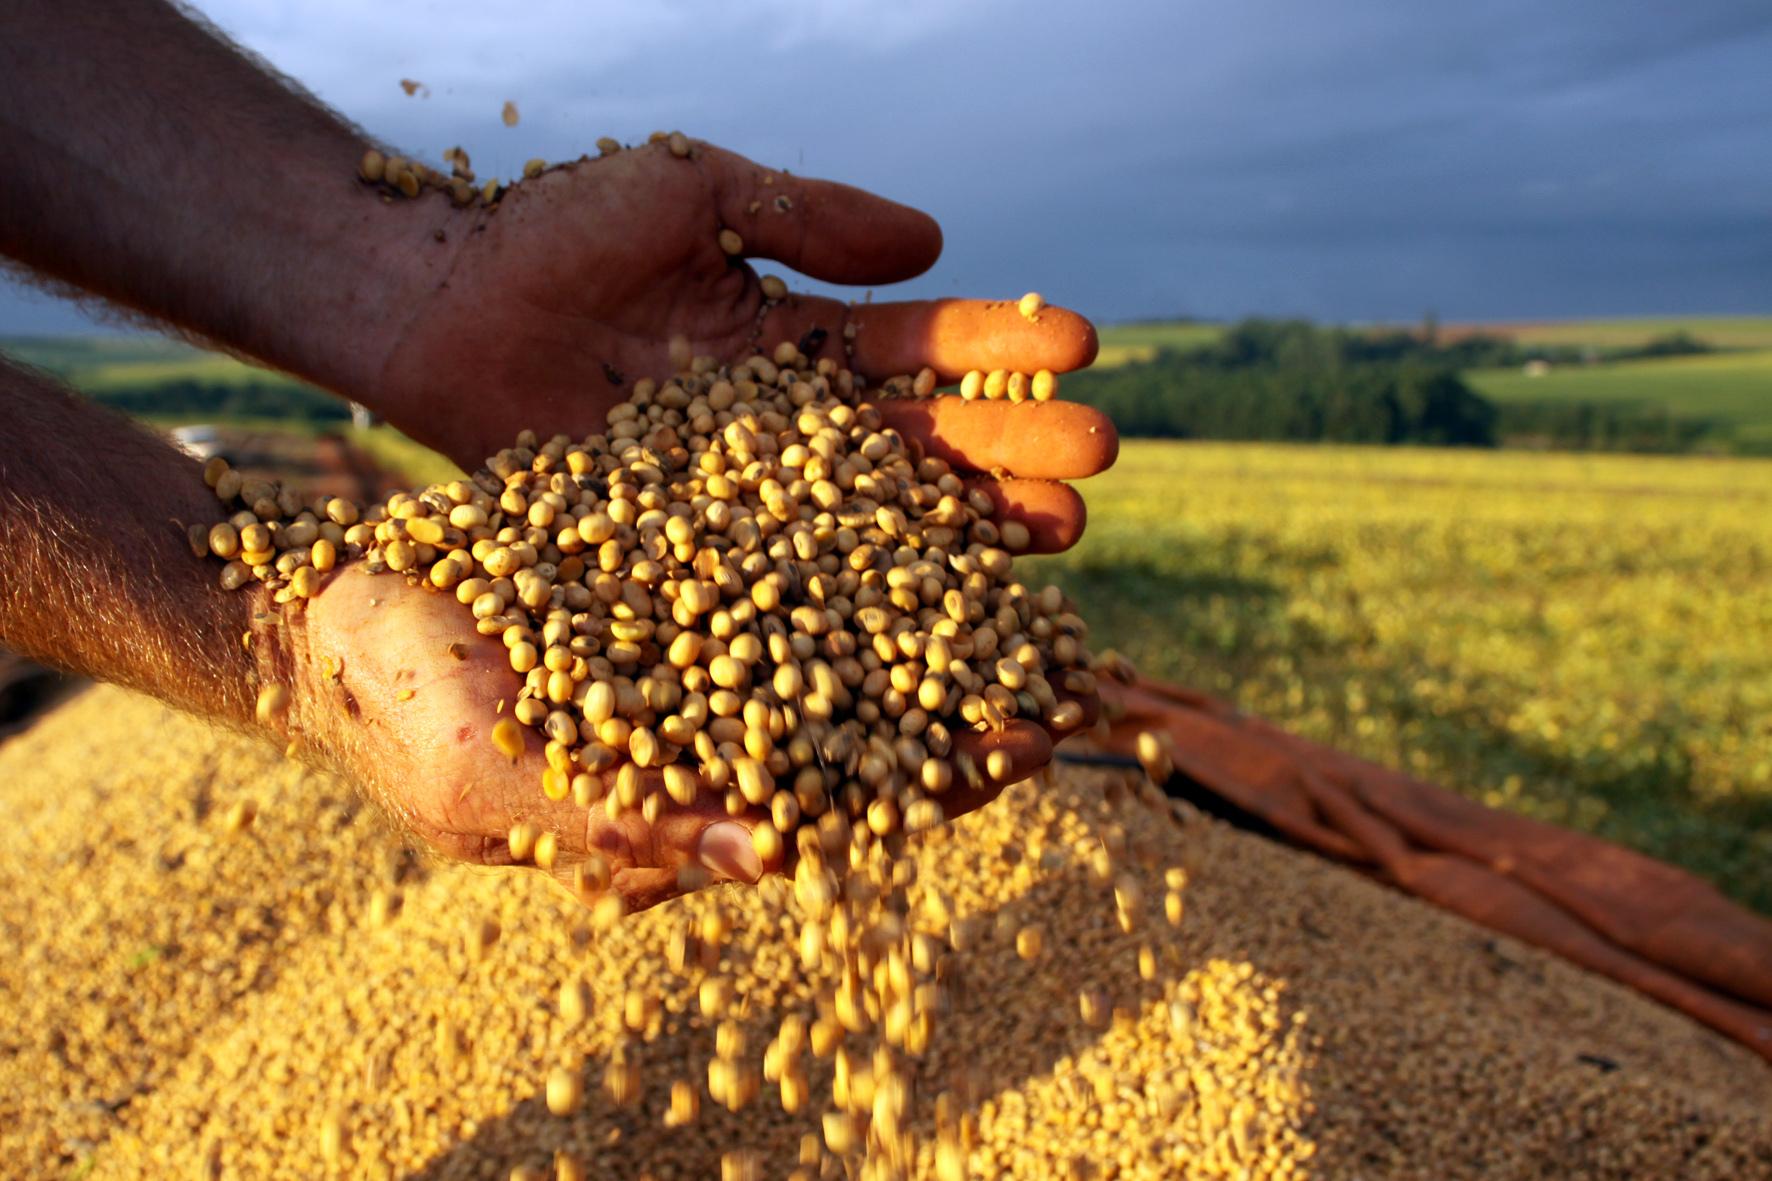 Imagem: soja Exportação de produtos agrícolas aumentam somado ao uso de bons adjuvantes